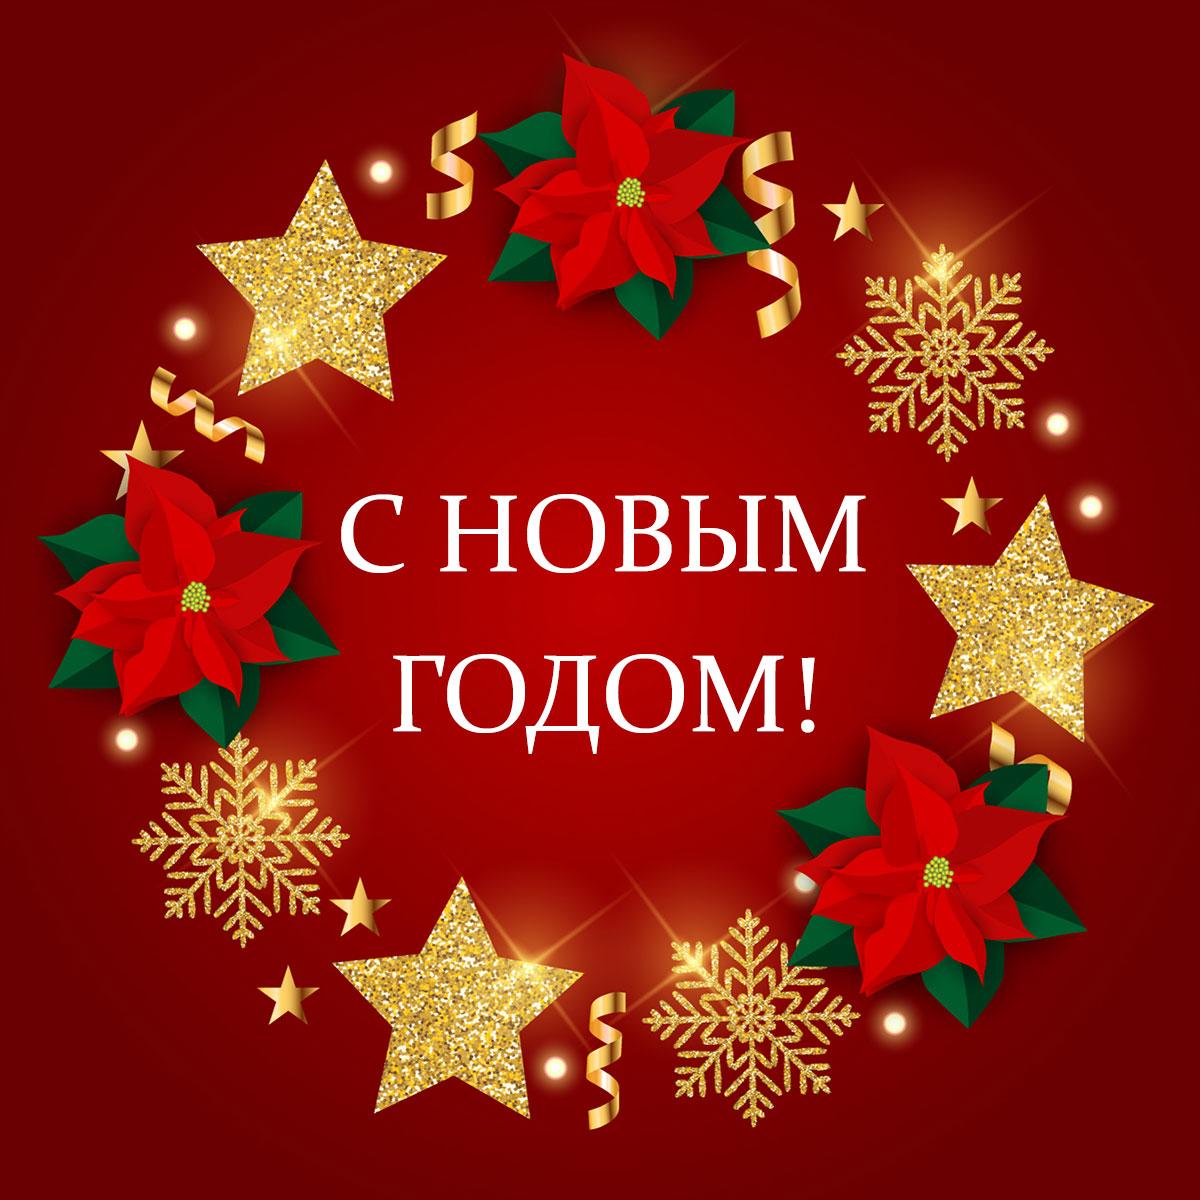 Картинка с текстом на поздравление с новым годом с рождественскими украшениями на красном фоне.